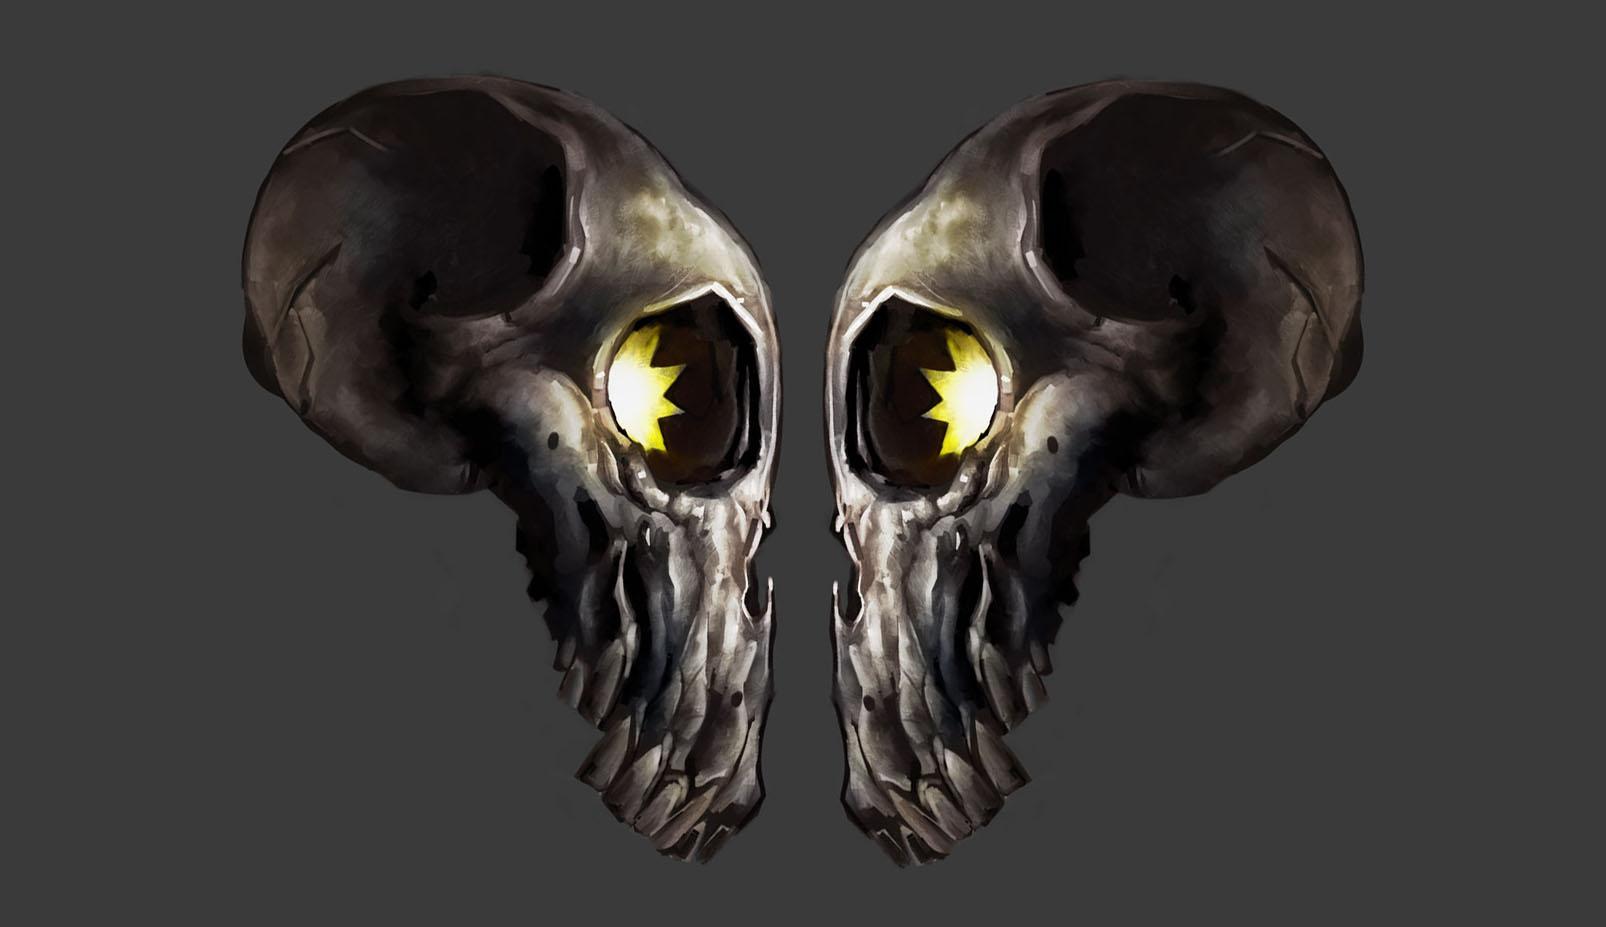 skullz by m-U-n-s-t-e-r